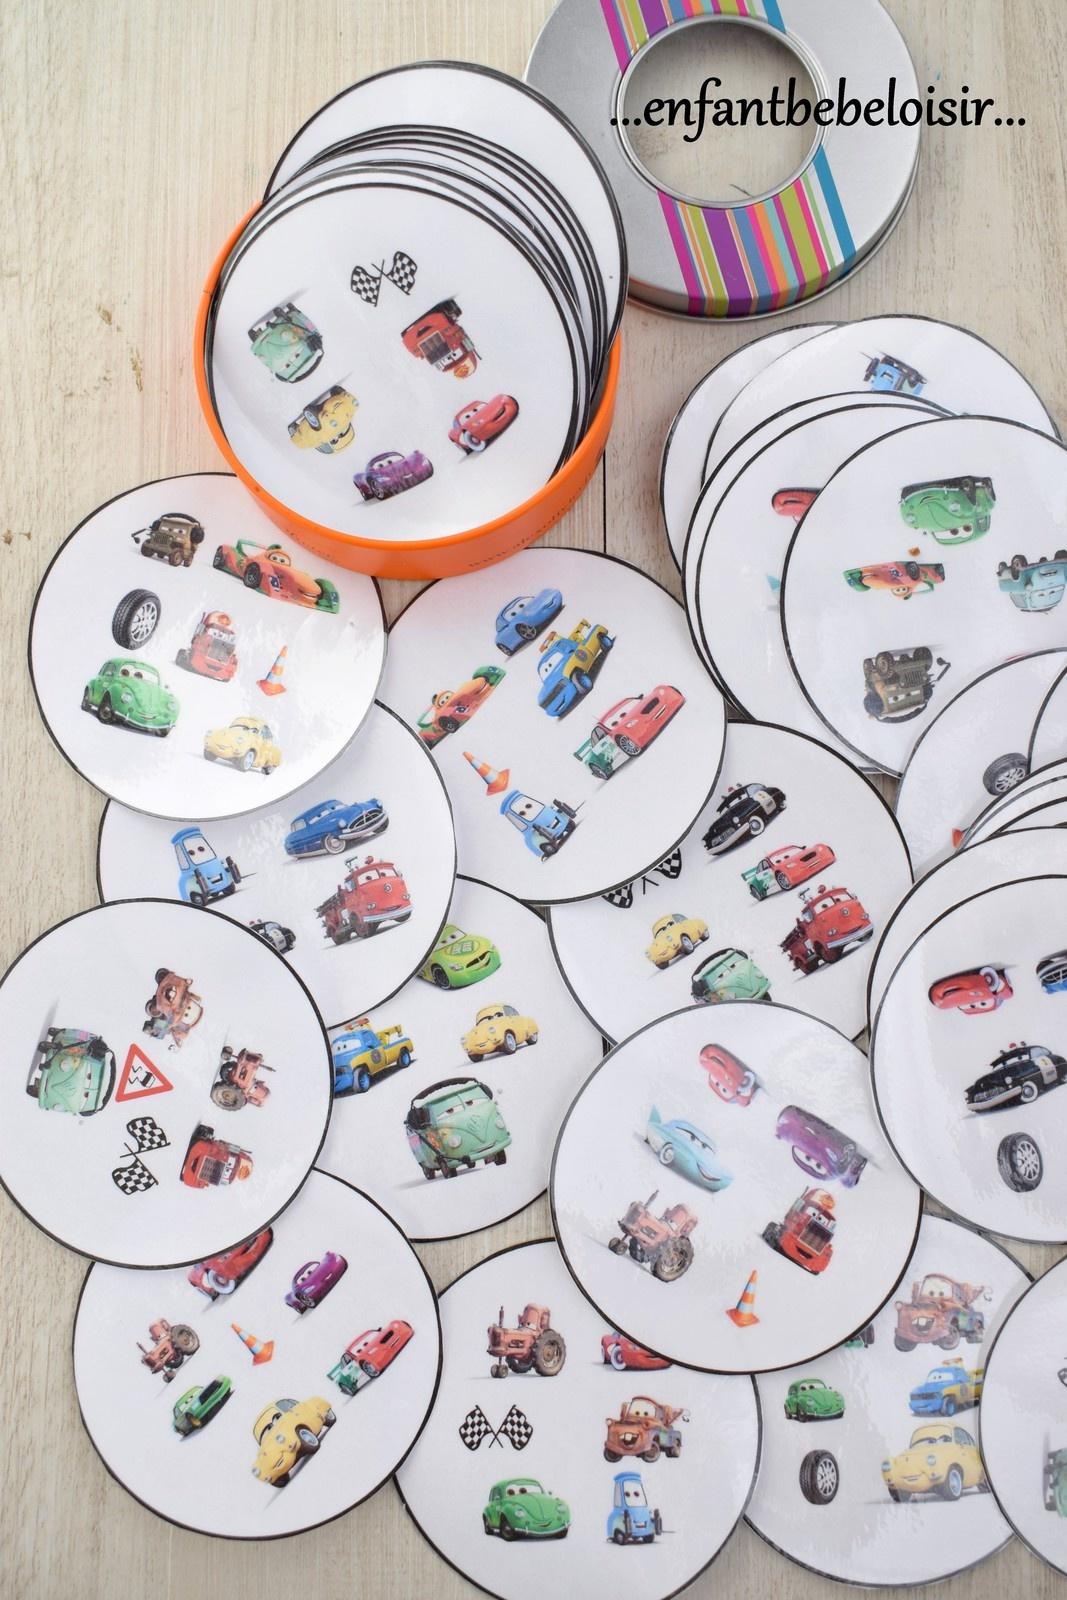 Jeu Dobble Cars Pixar À Imprimer - Gratuit - Enfant Bébé Loisir encequiconcerne Jeux Maternelle Petite Section Gratuit